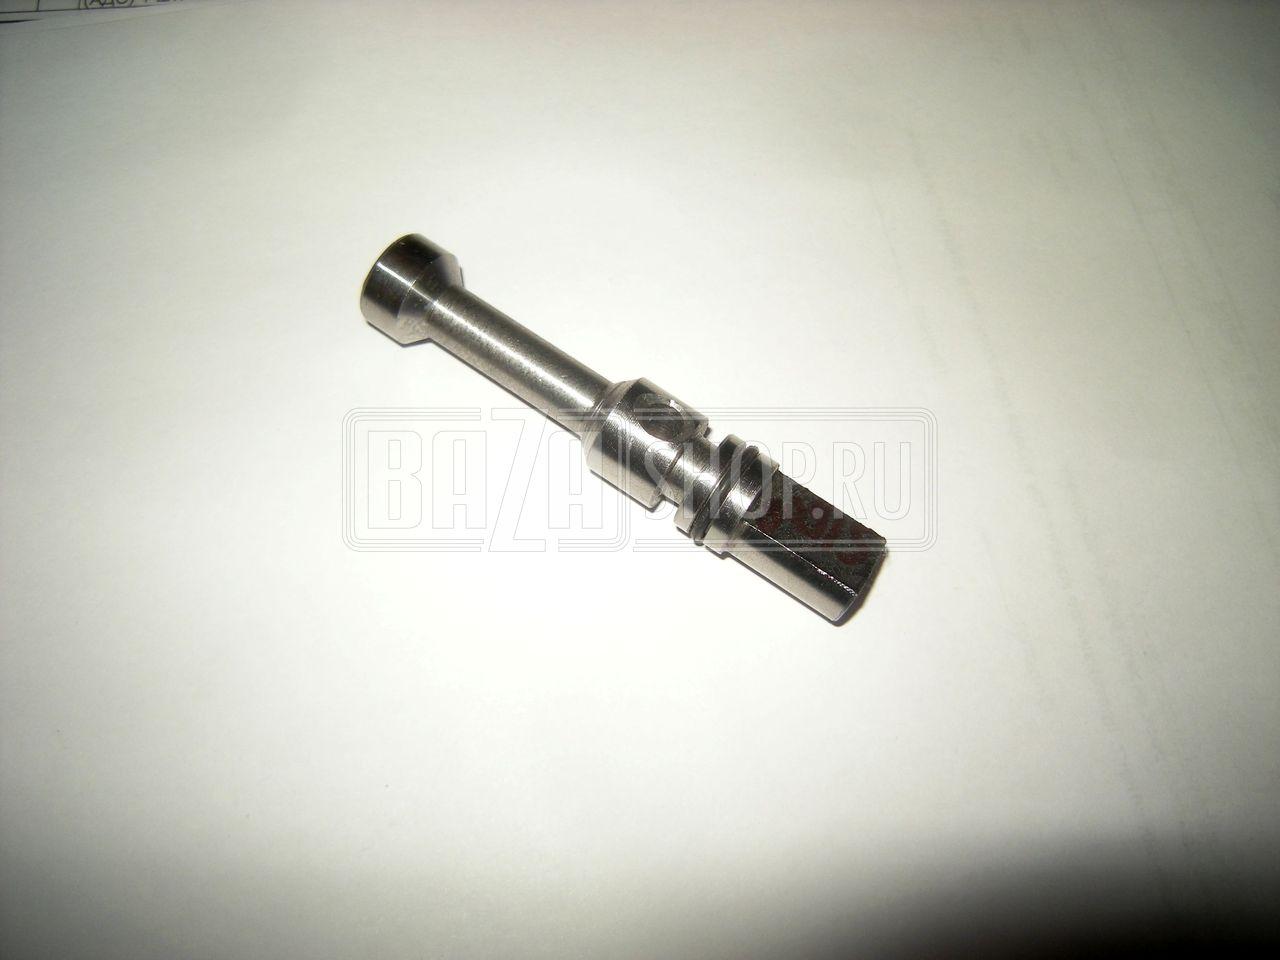 Уплотнения теплообменника КС 30 Тамбов Разборный пластинчатый теплообменник APV N35 DH Махачкала